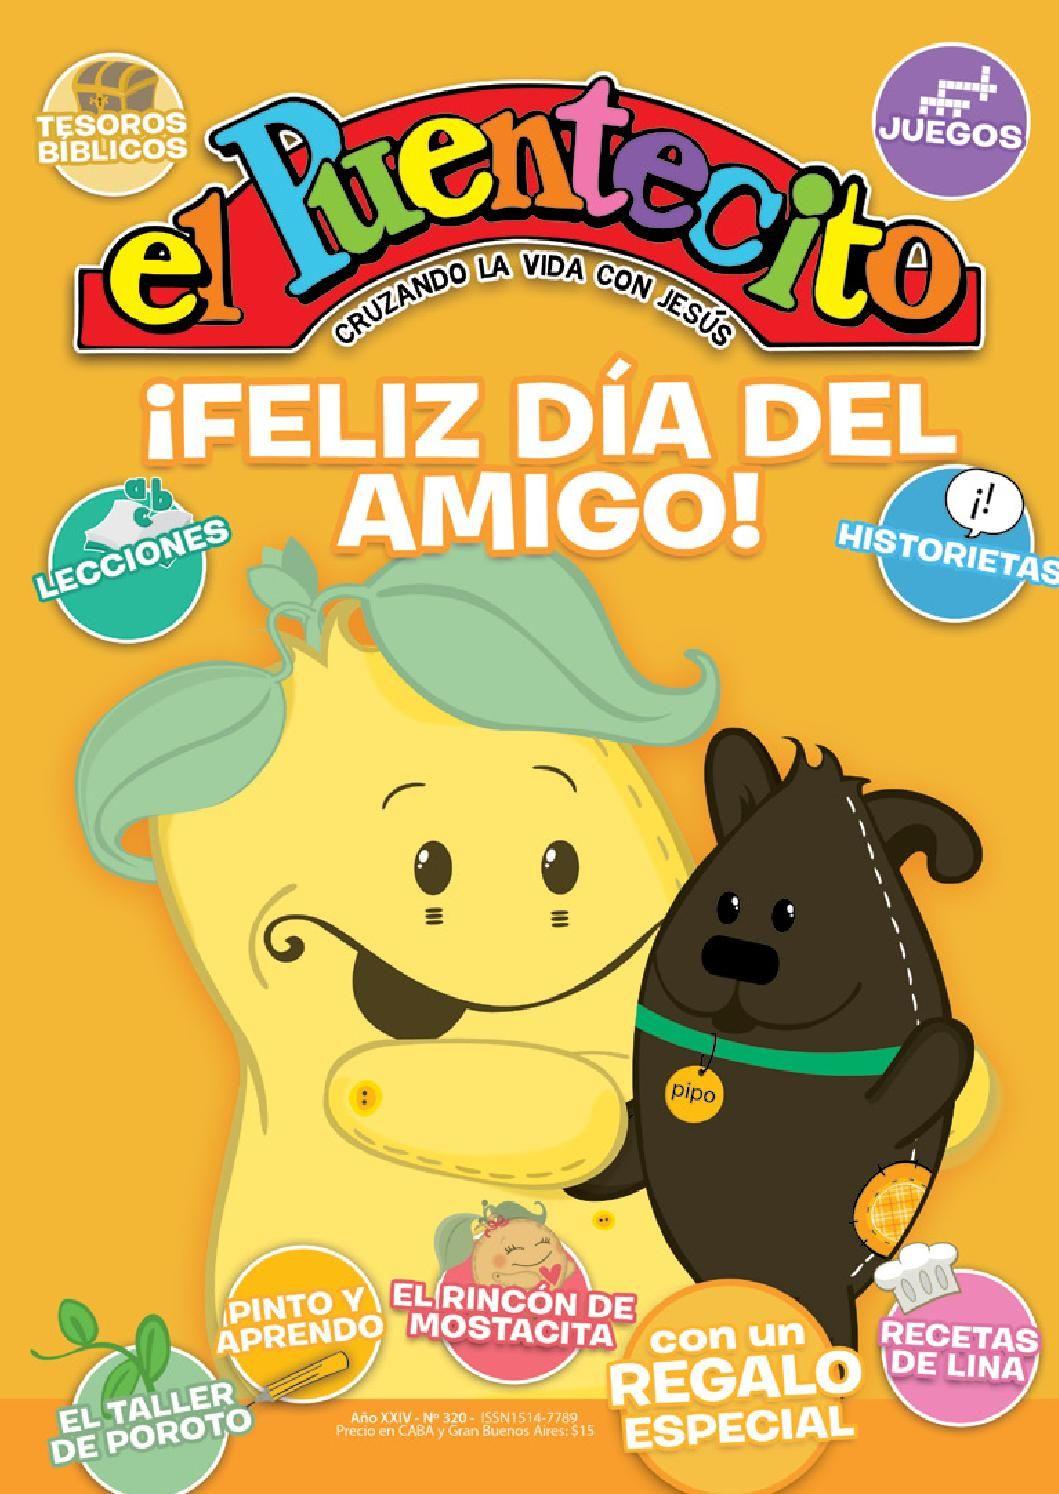 Revista El Puentecito nº 320 Dia del amigo, Revistas